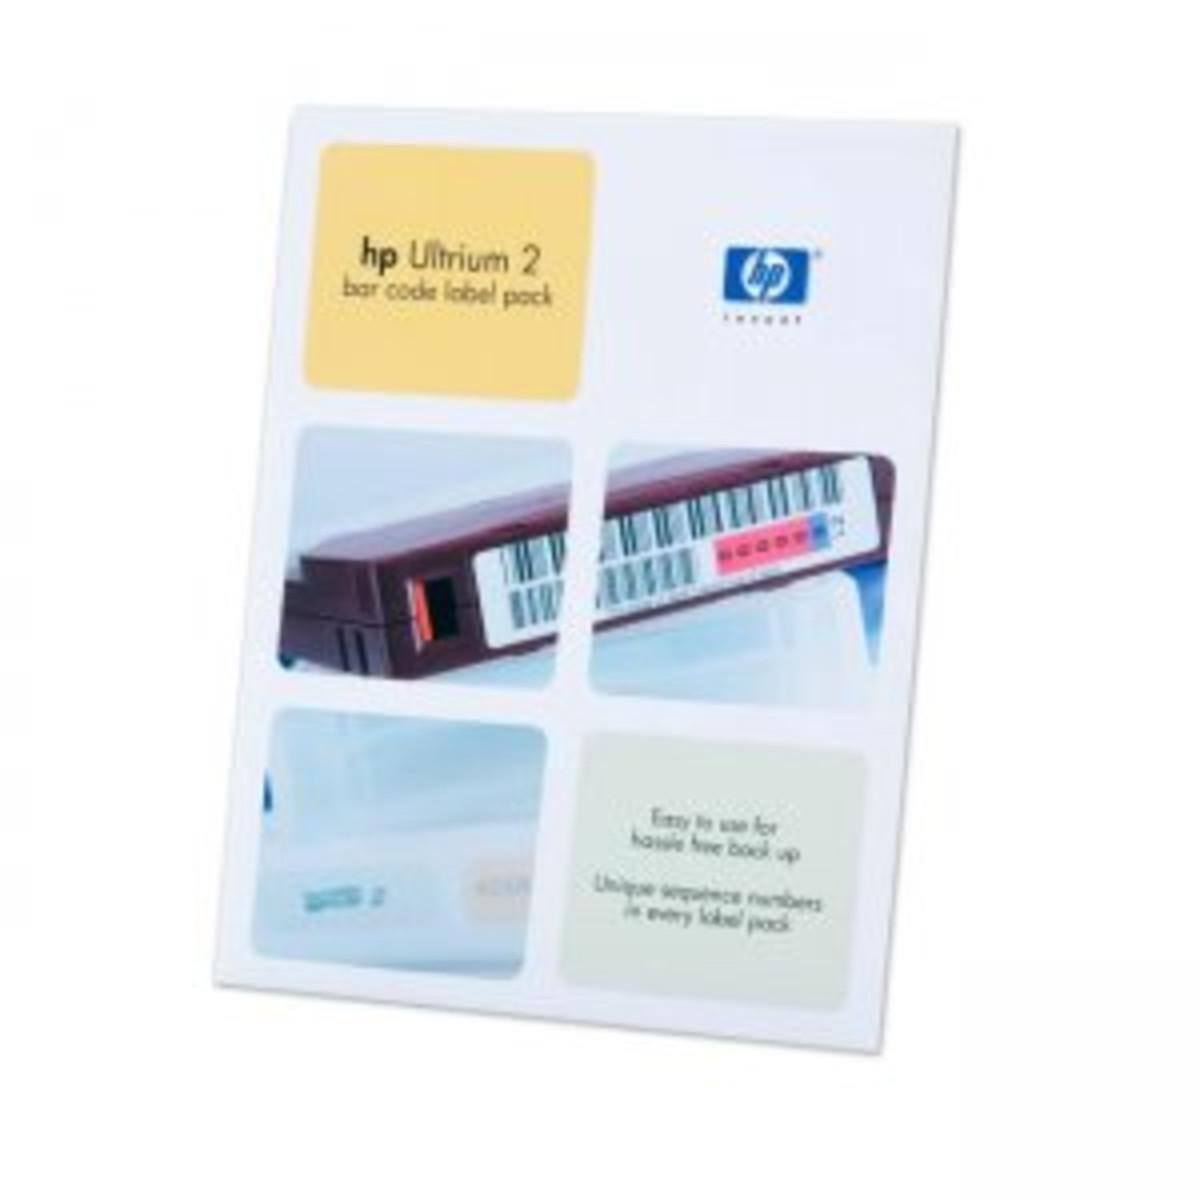 HP LTO2 Ulrium bar code label pack